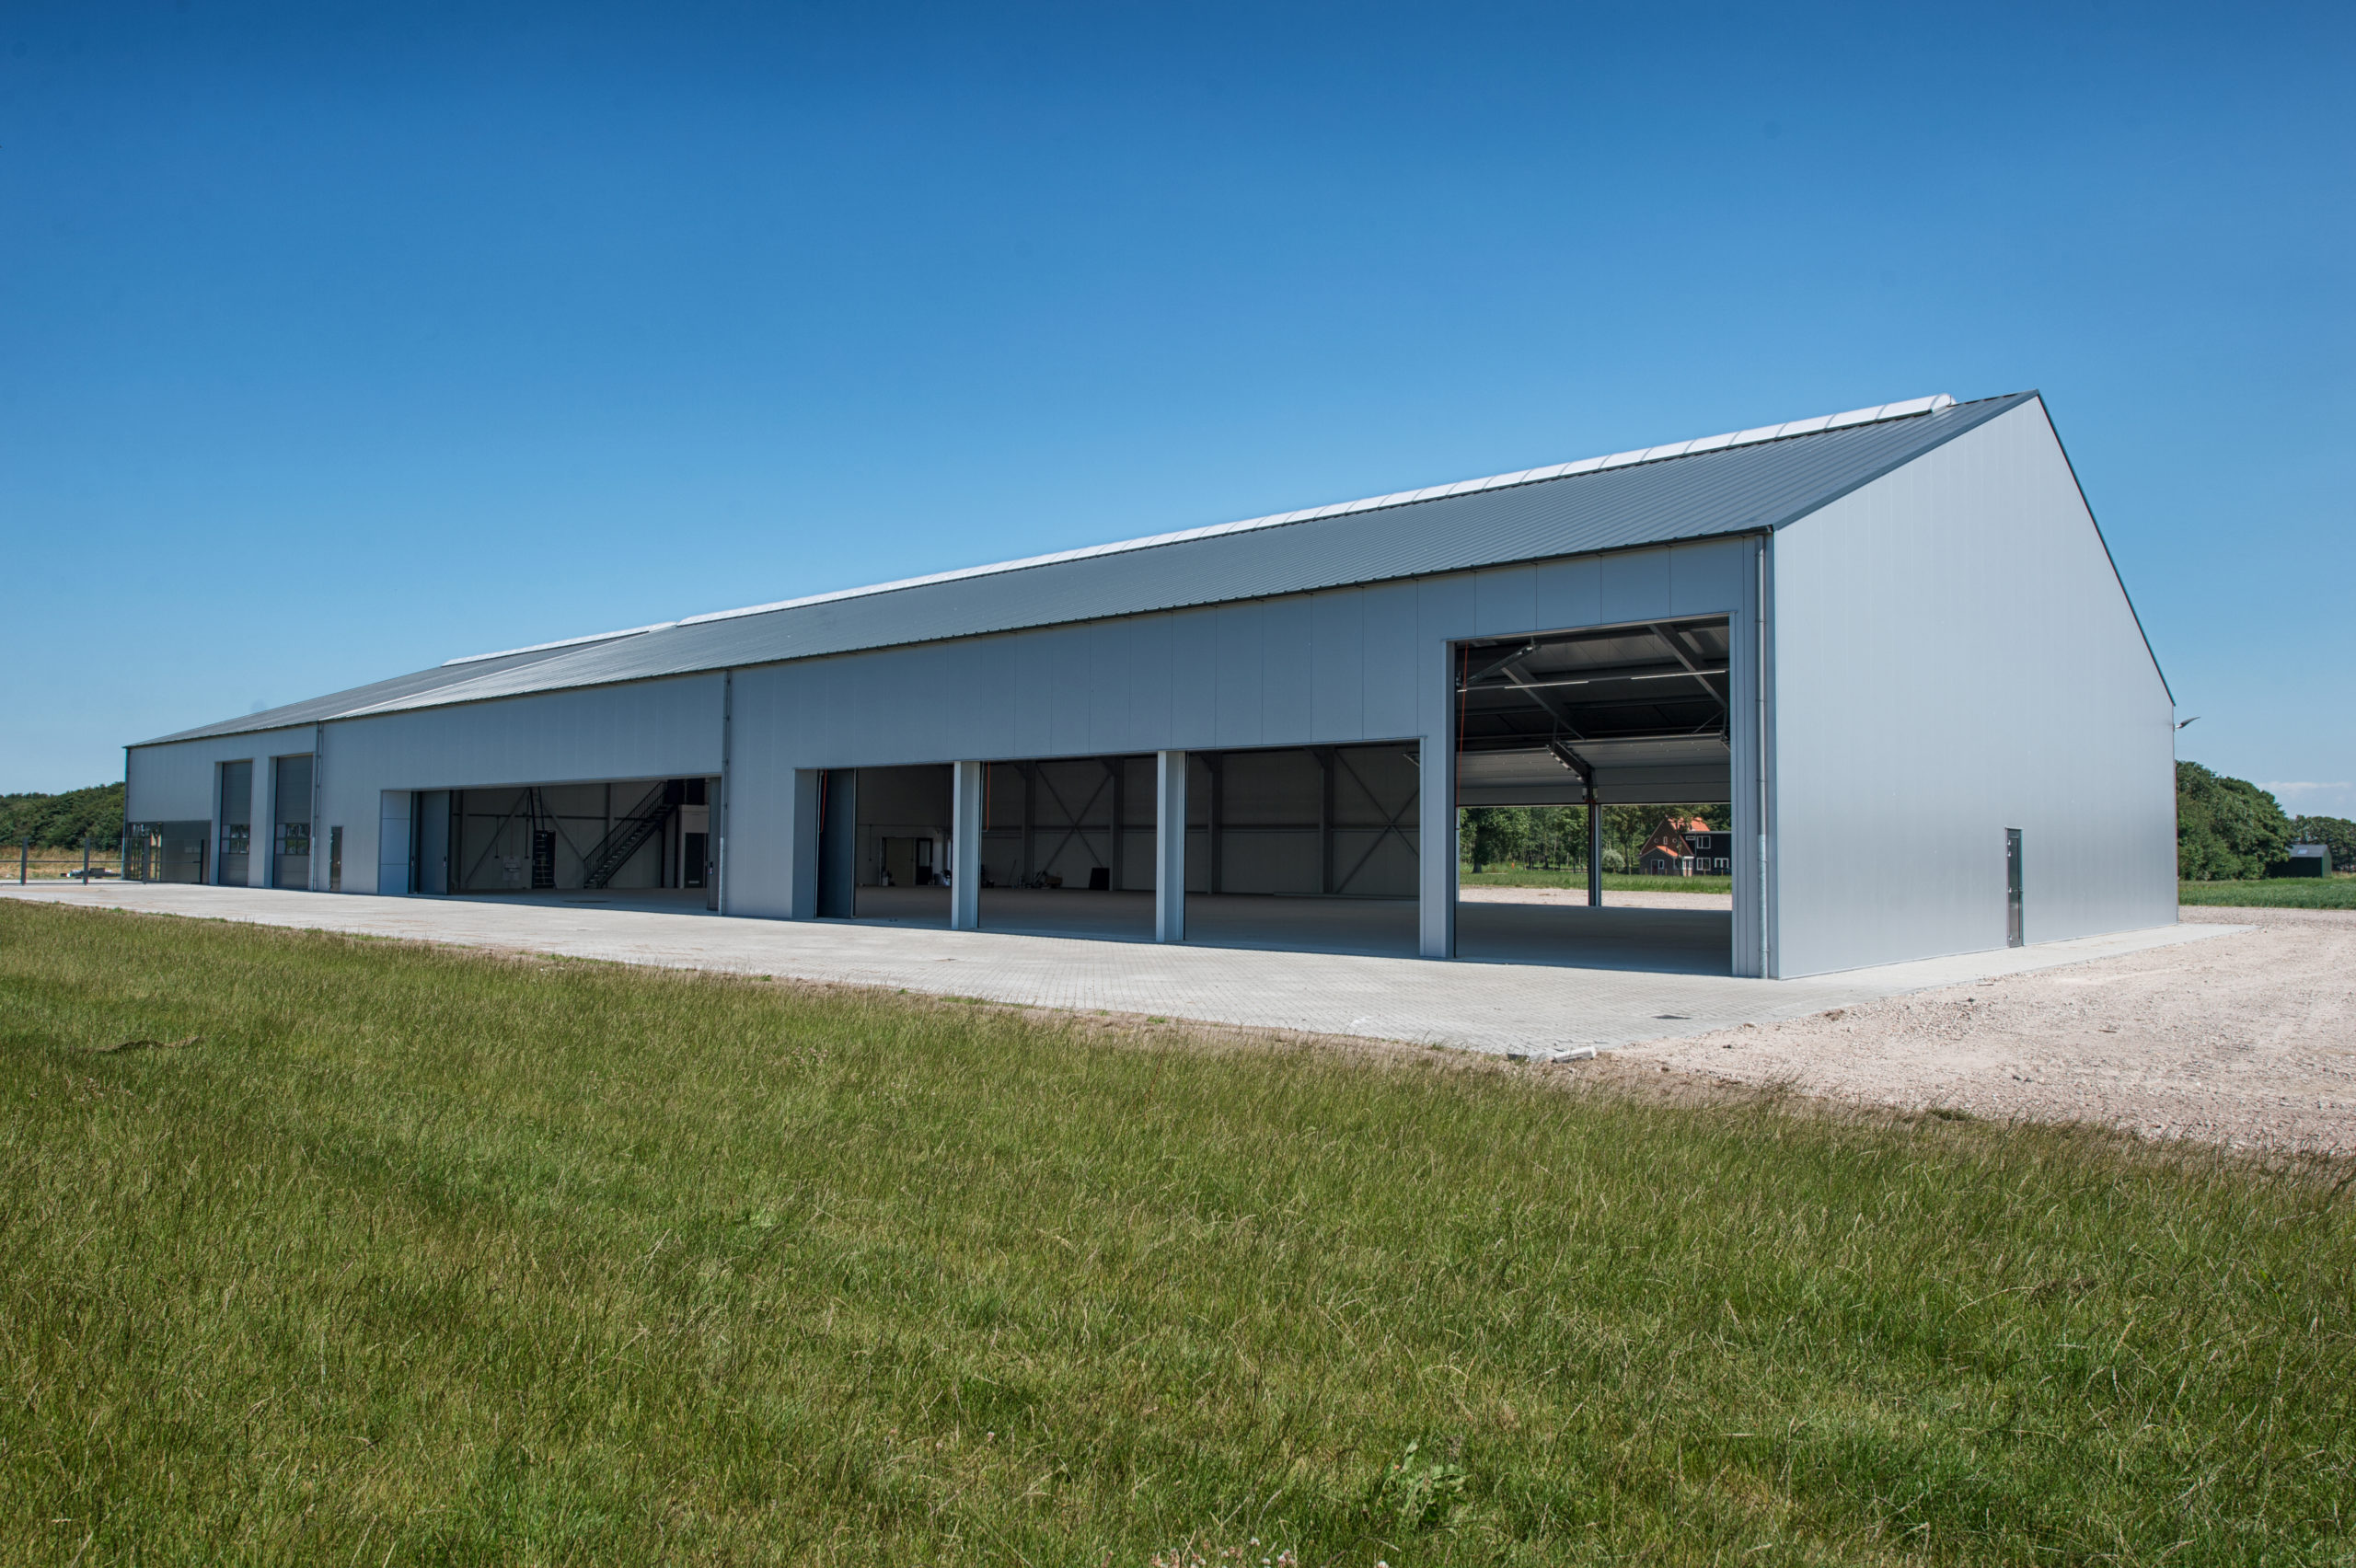 Nieuwbouw Zweefvliegcentrum Slootdorp - Archangel Bouw